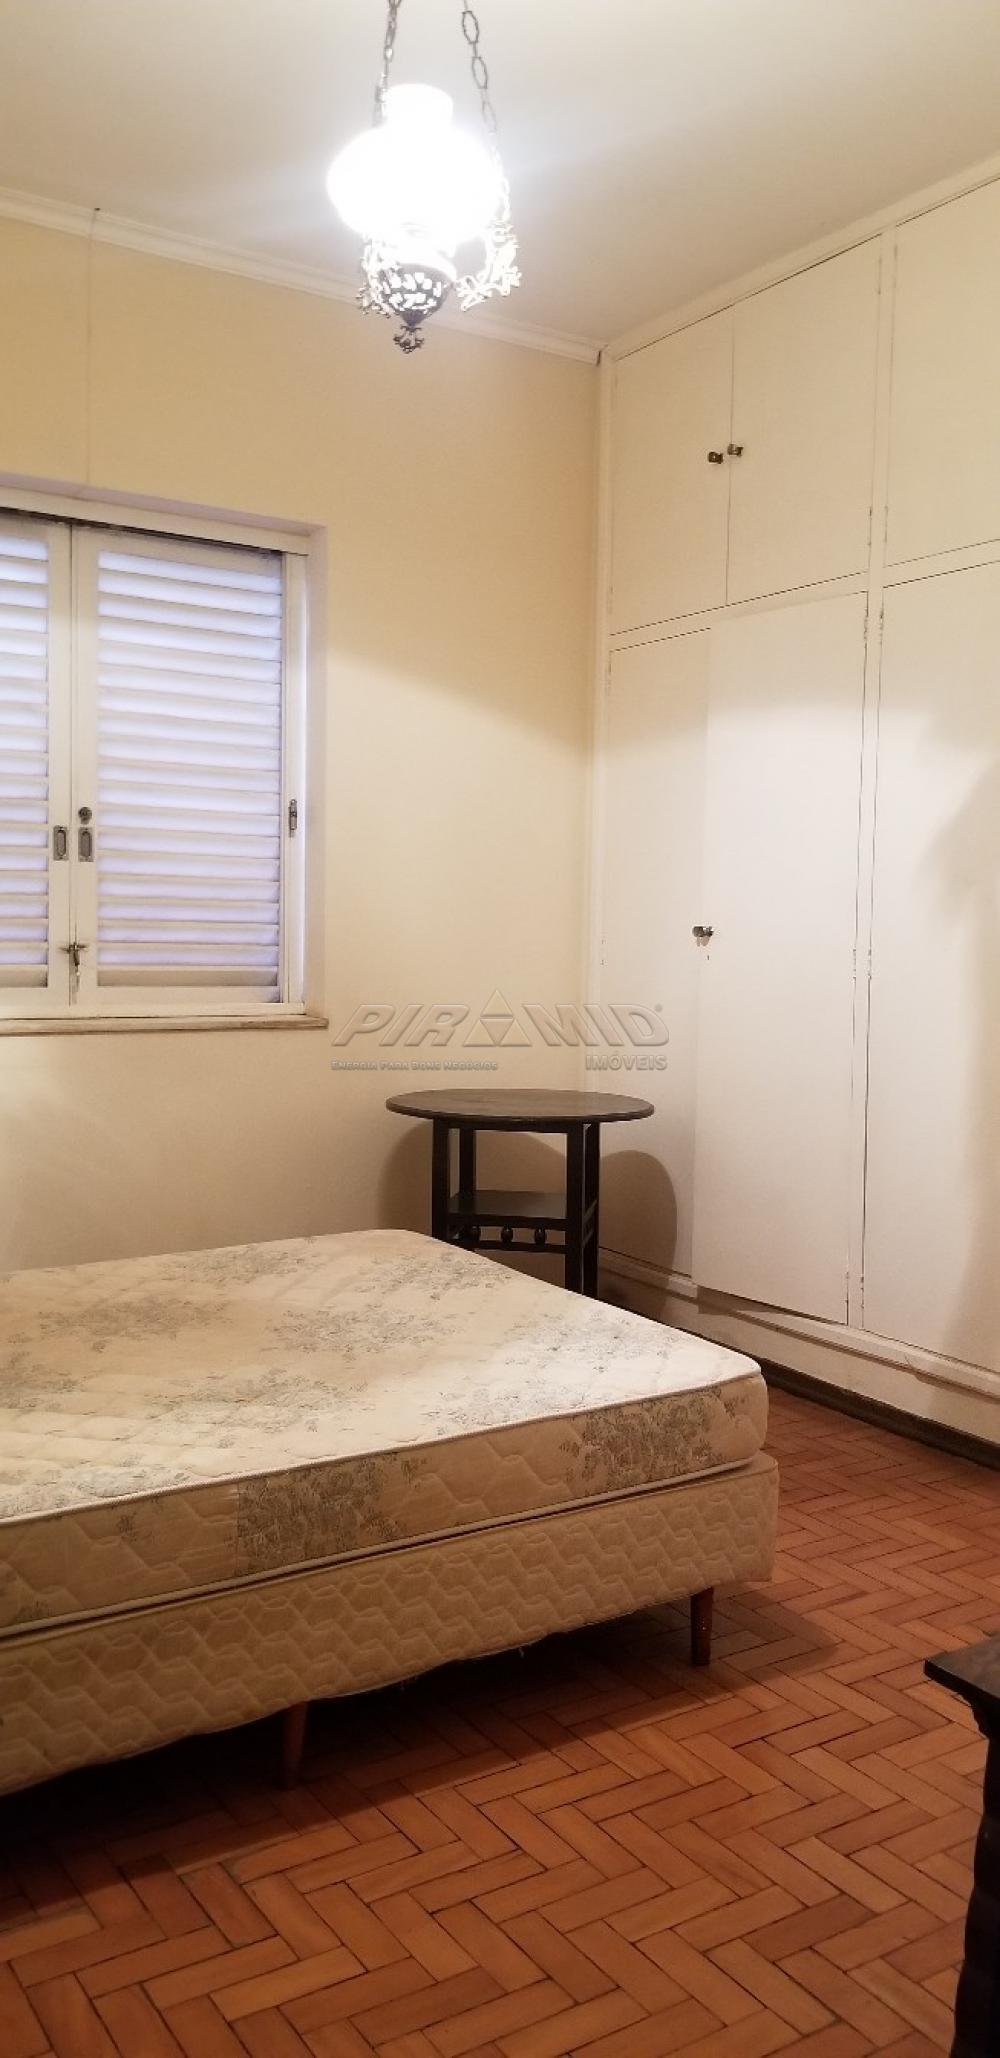 Alugar Casa / Padrão em Ribeirão Preto R$ 1.500,00 - Foto 12